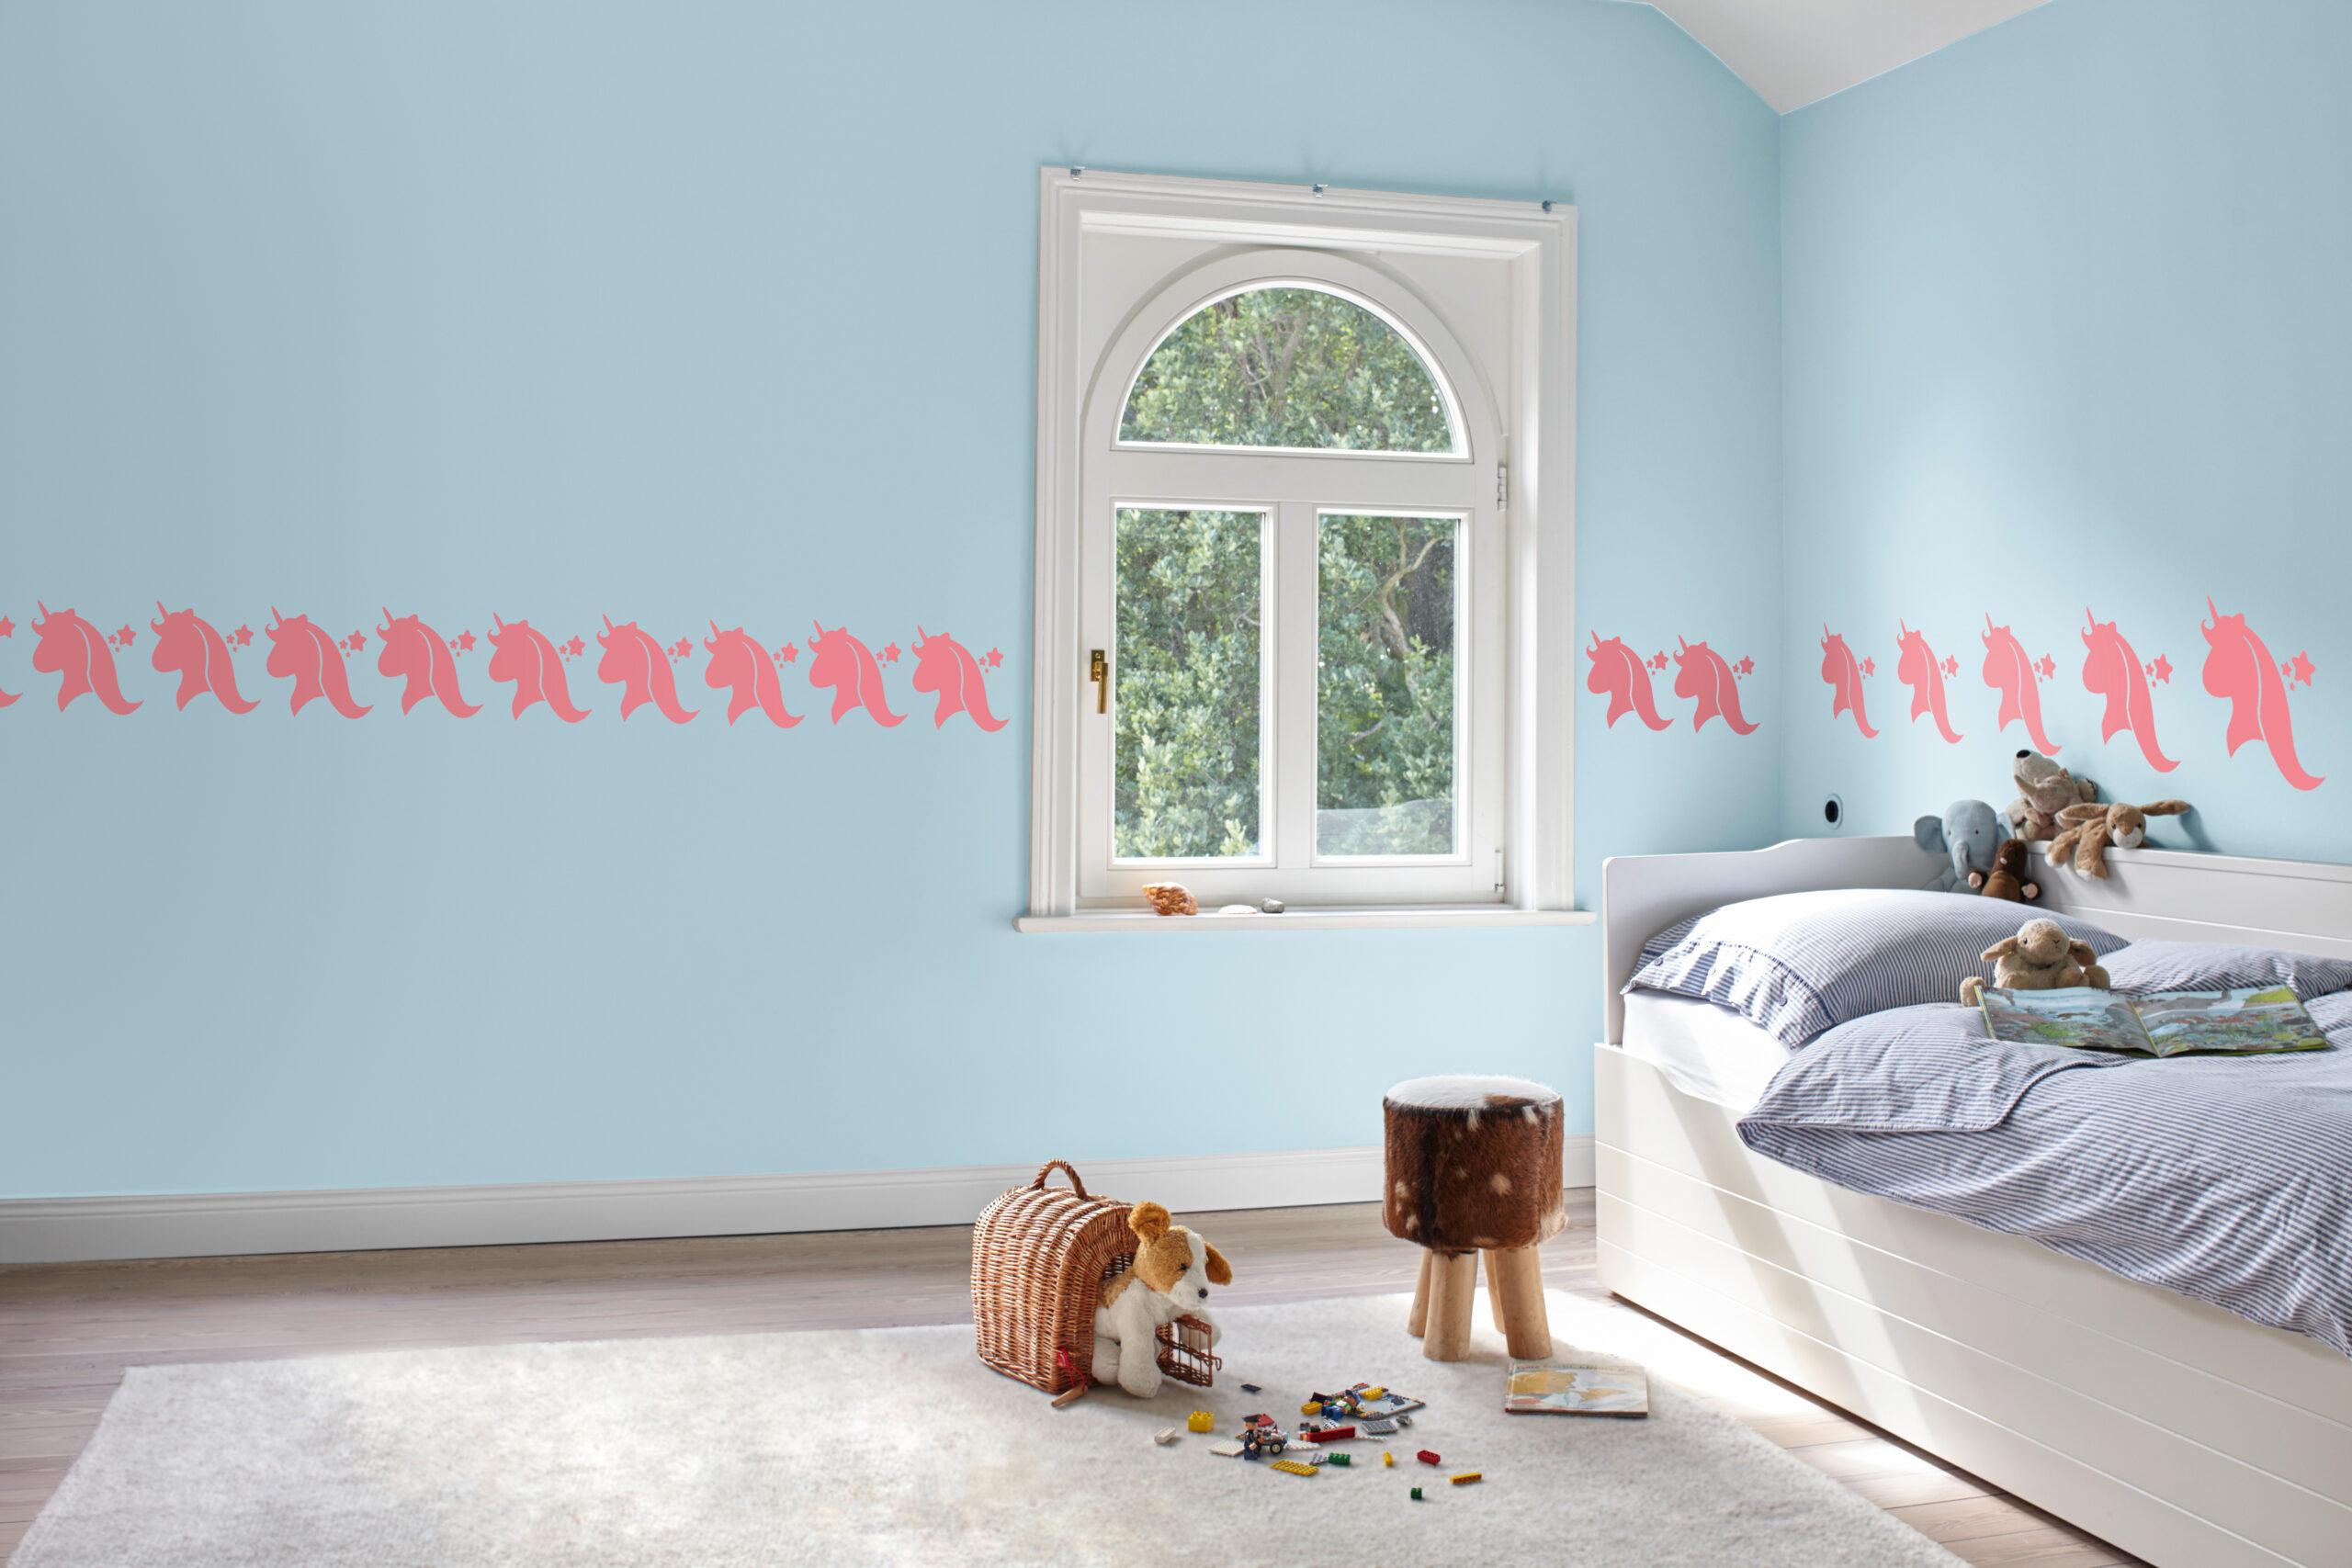 Full Size of Wandschablonen Kinderzimmer Diy Frs Das Einhorn An Der Wand Sofa Regal Weiß Regale Kinderzimmer Wandschablonen Kinderzimmer